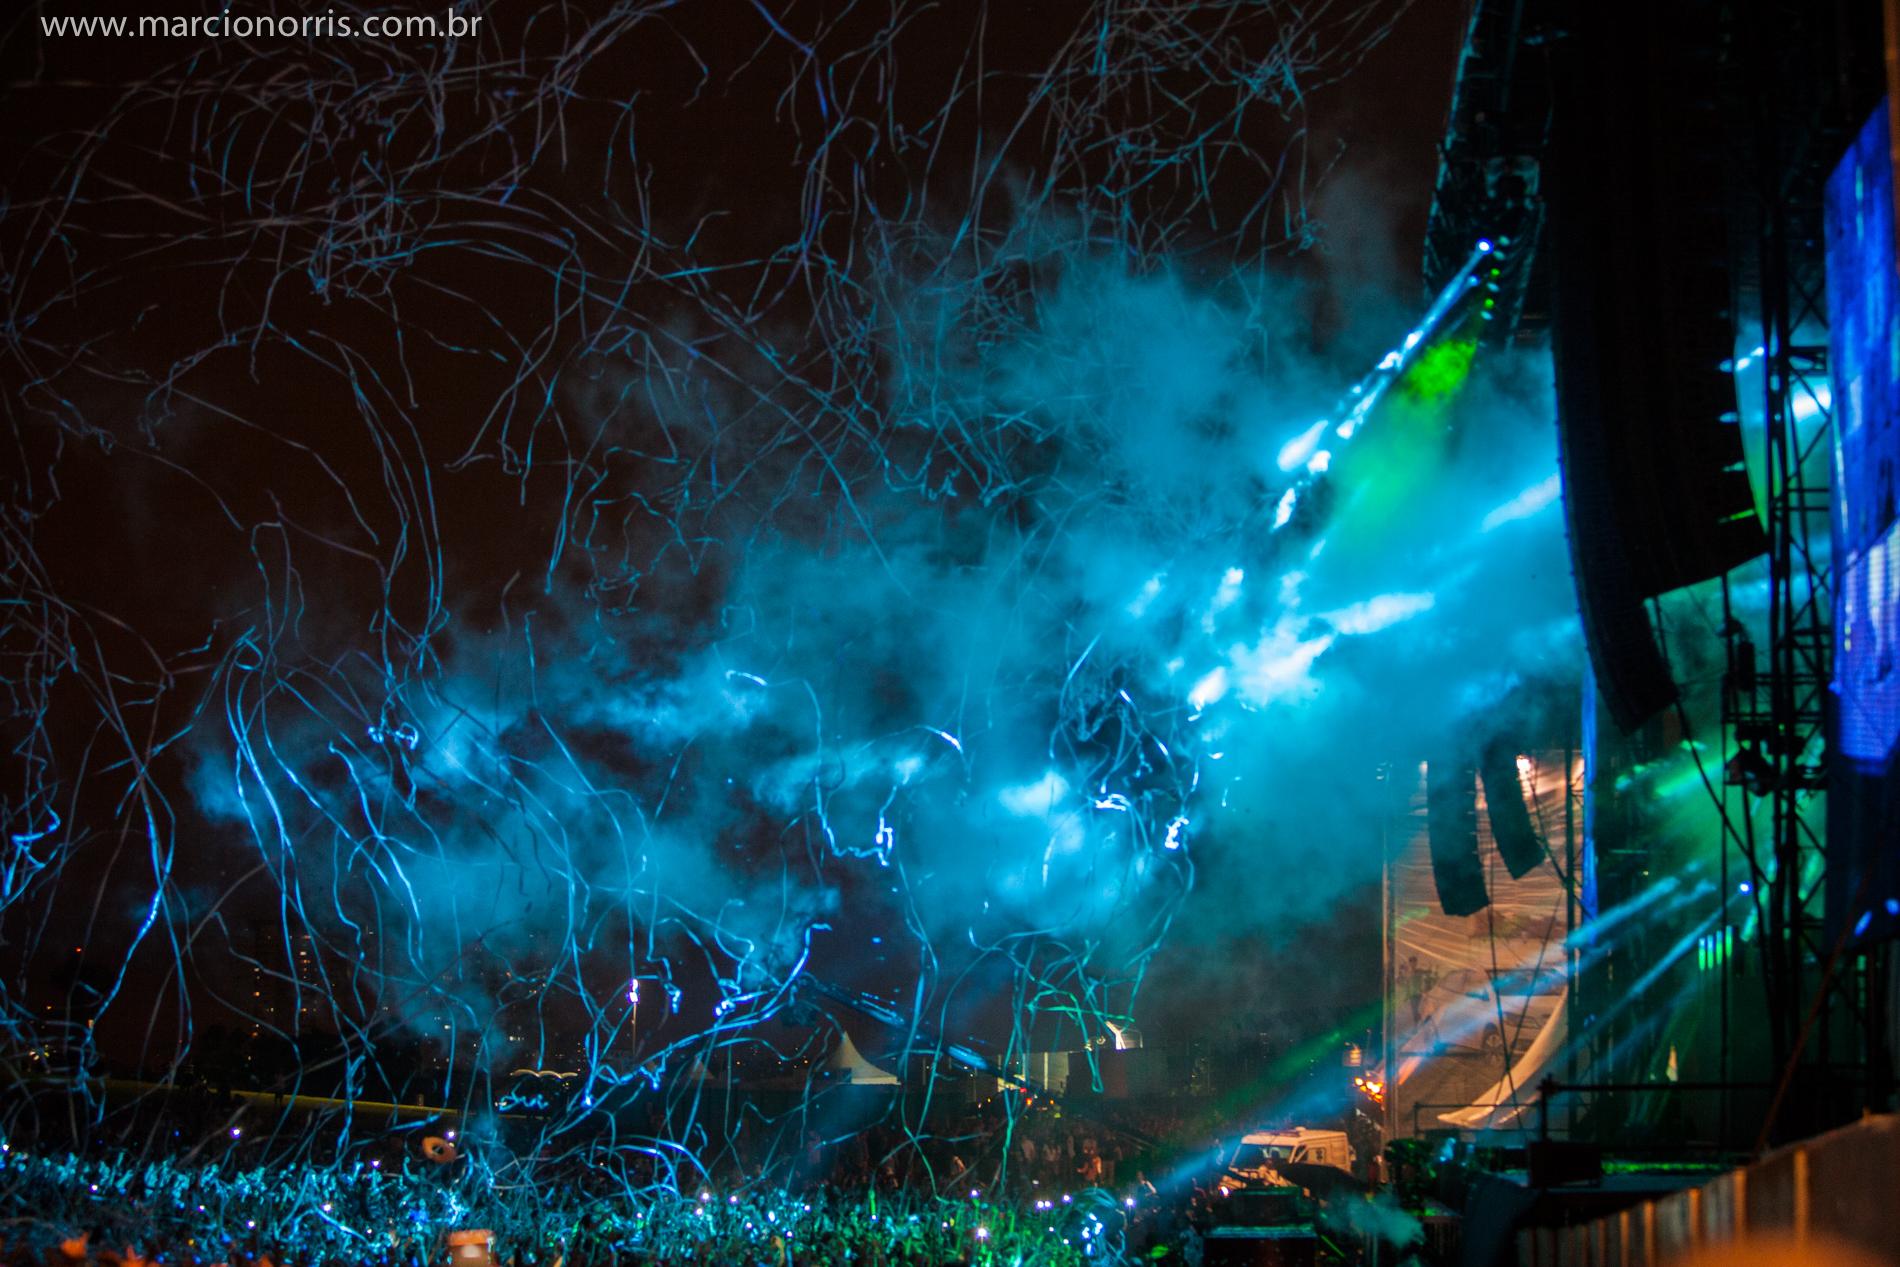 calvin-harris-marcio-norris-fotografia-show-lollapalooza-7488.jpg